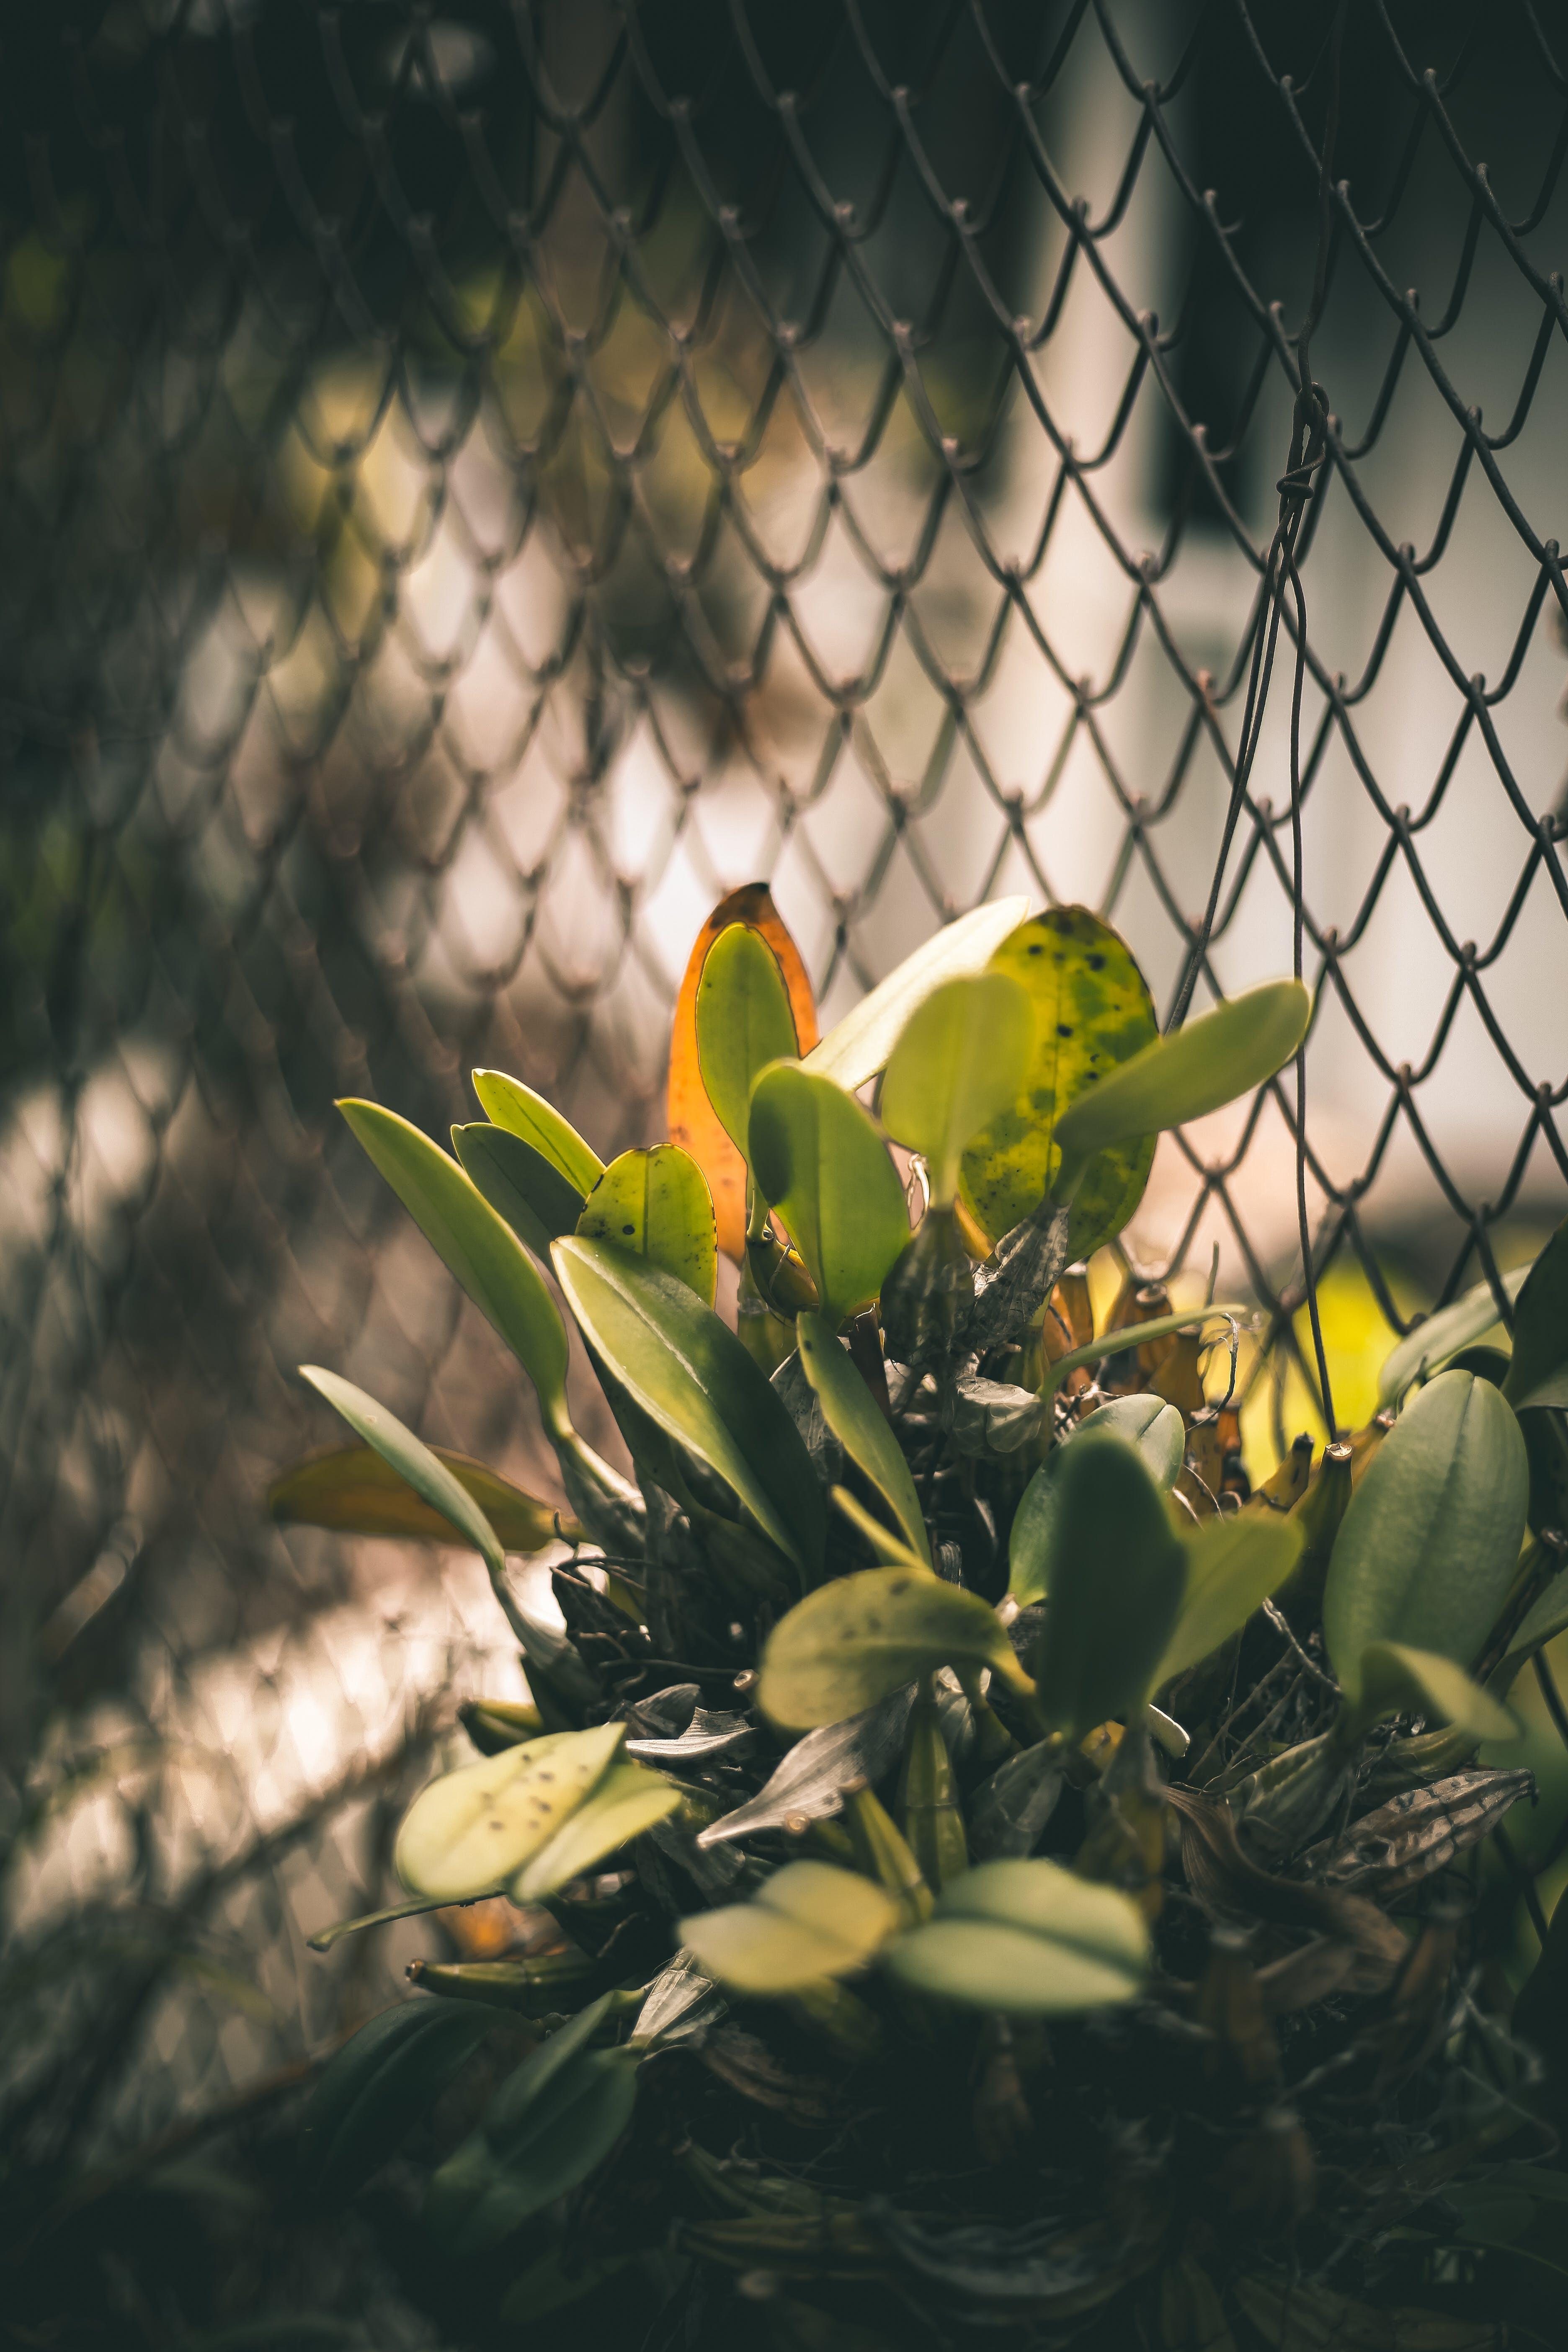 Gratis stockfoto met blurry achtergrond, close-up, daglicht, donkergroene planten